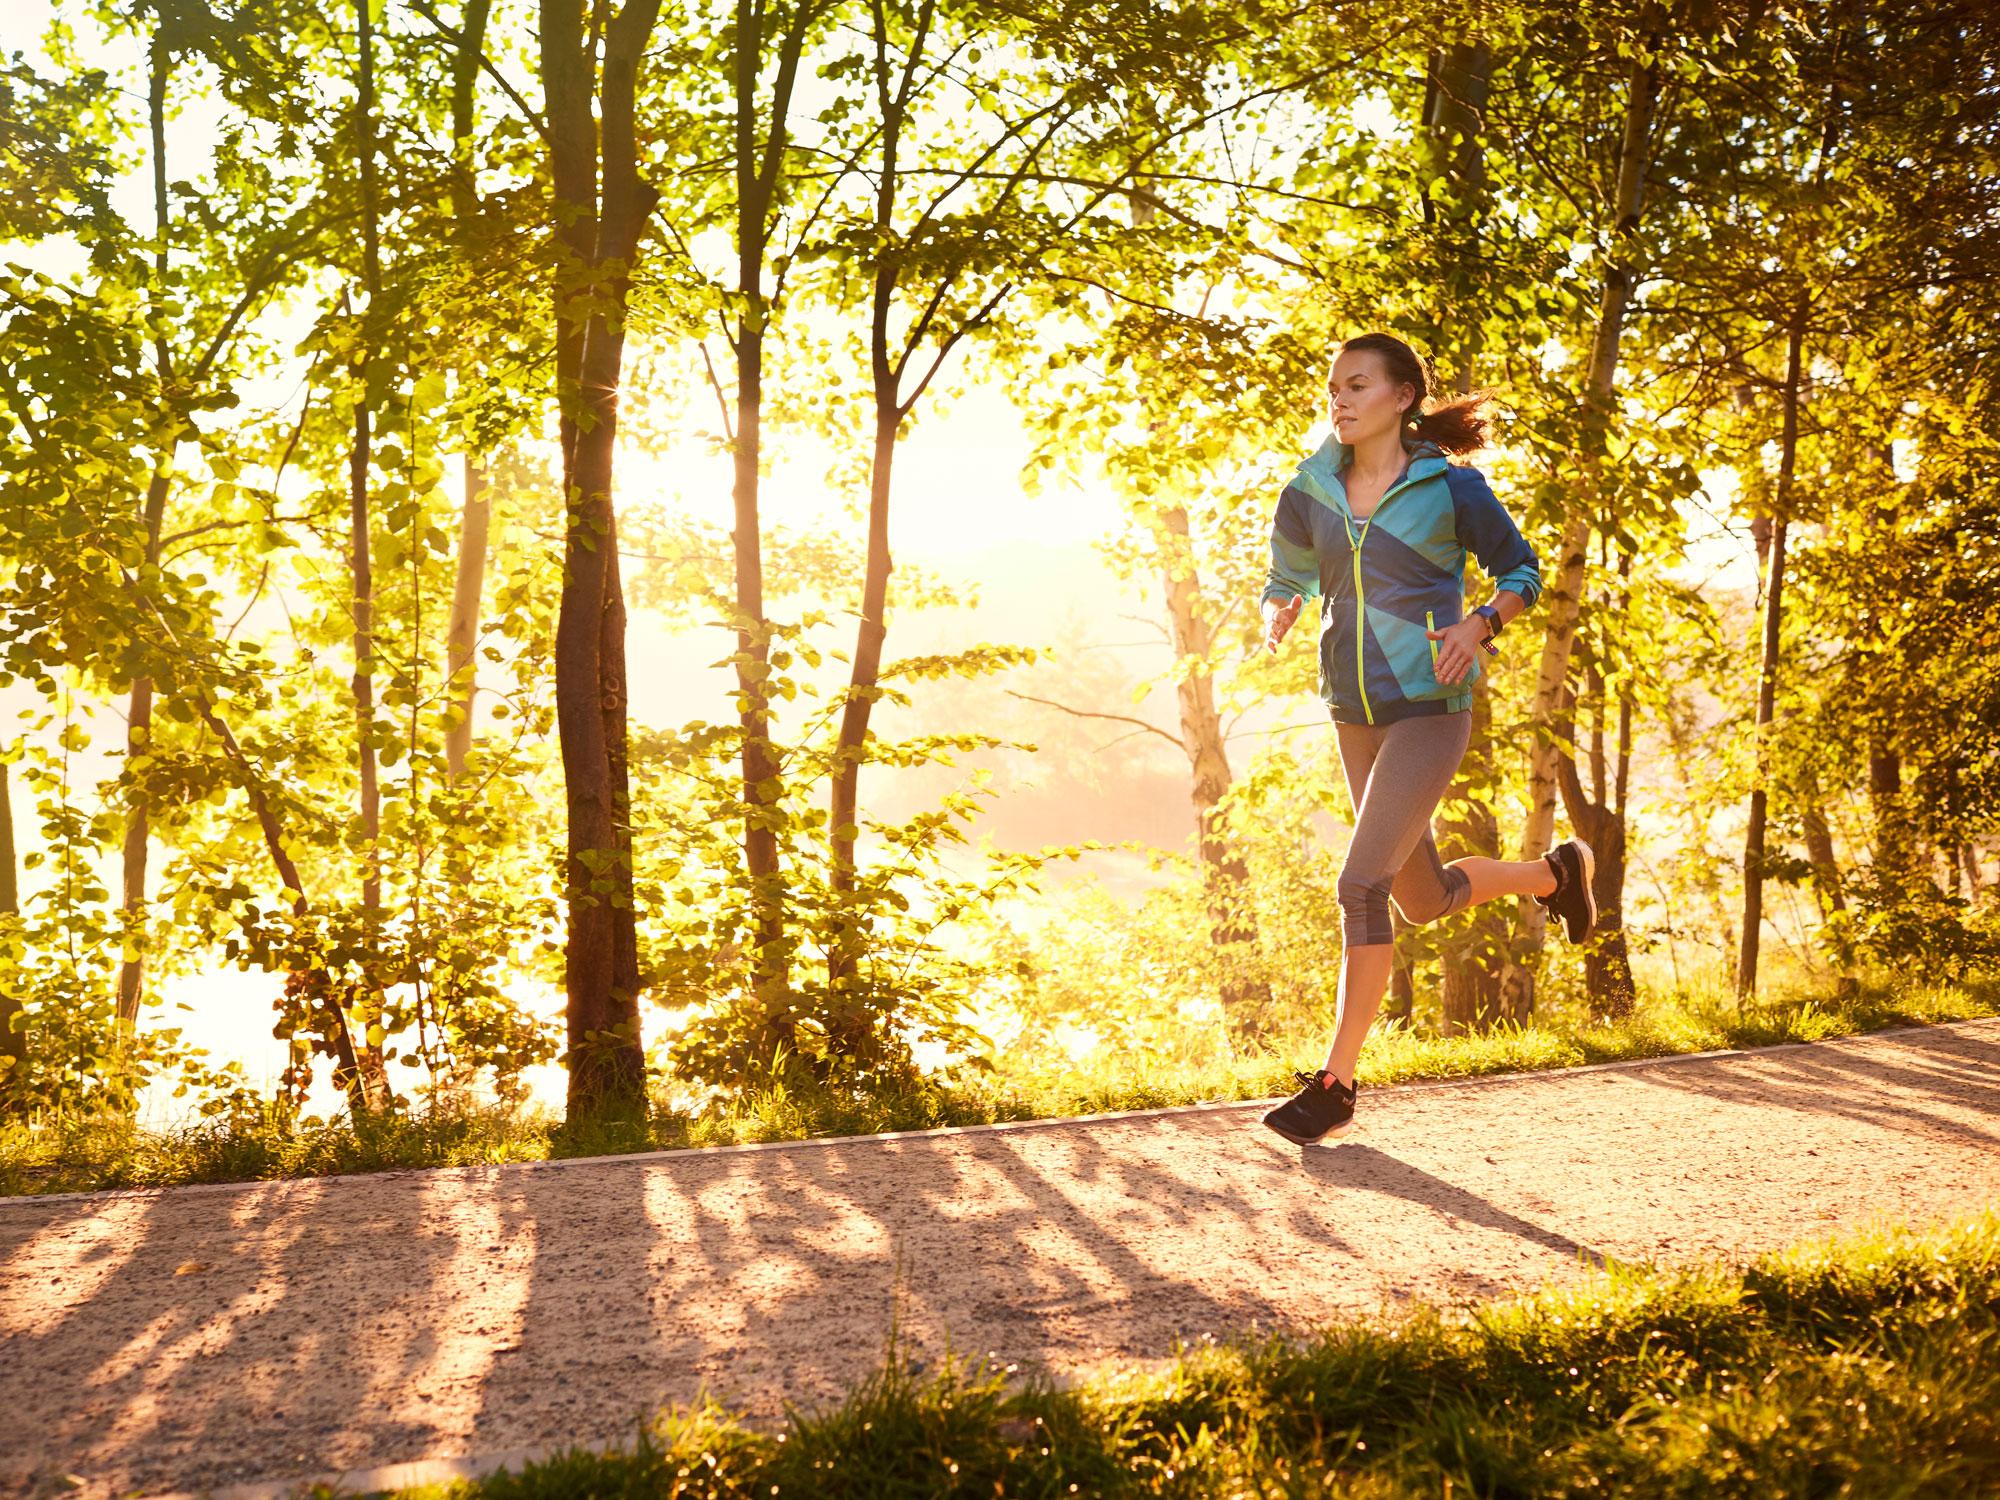 Sport verbessert den Stoffwechsel stärker als angenommen